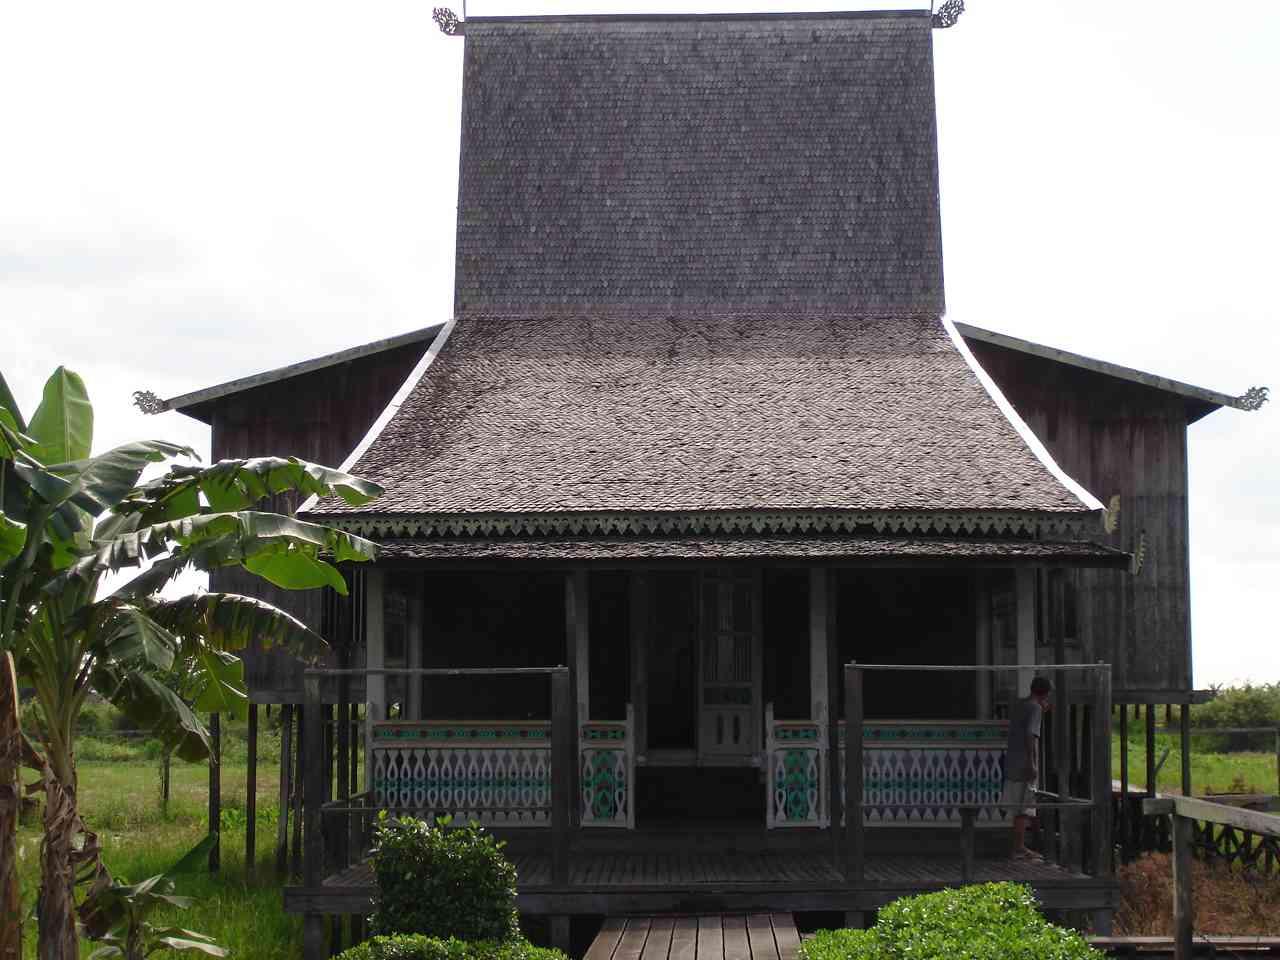 Seni Budaya Kalsel Wisata Kuliner Kalimantan Selatan Peinggalan Sejarah Provinsi